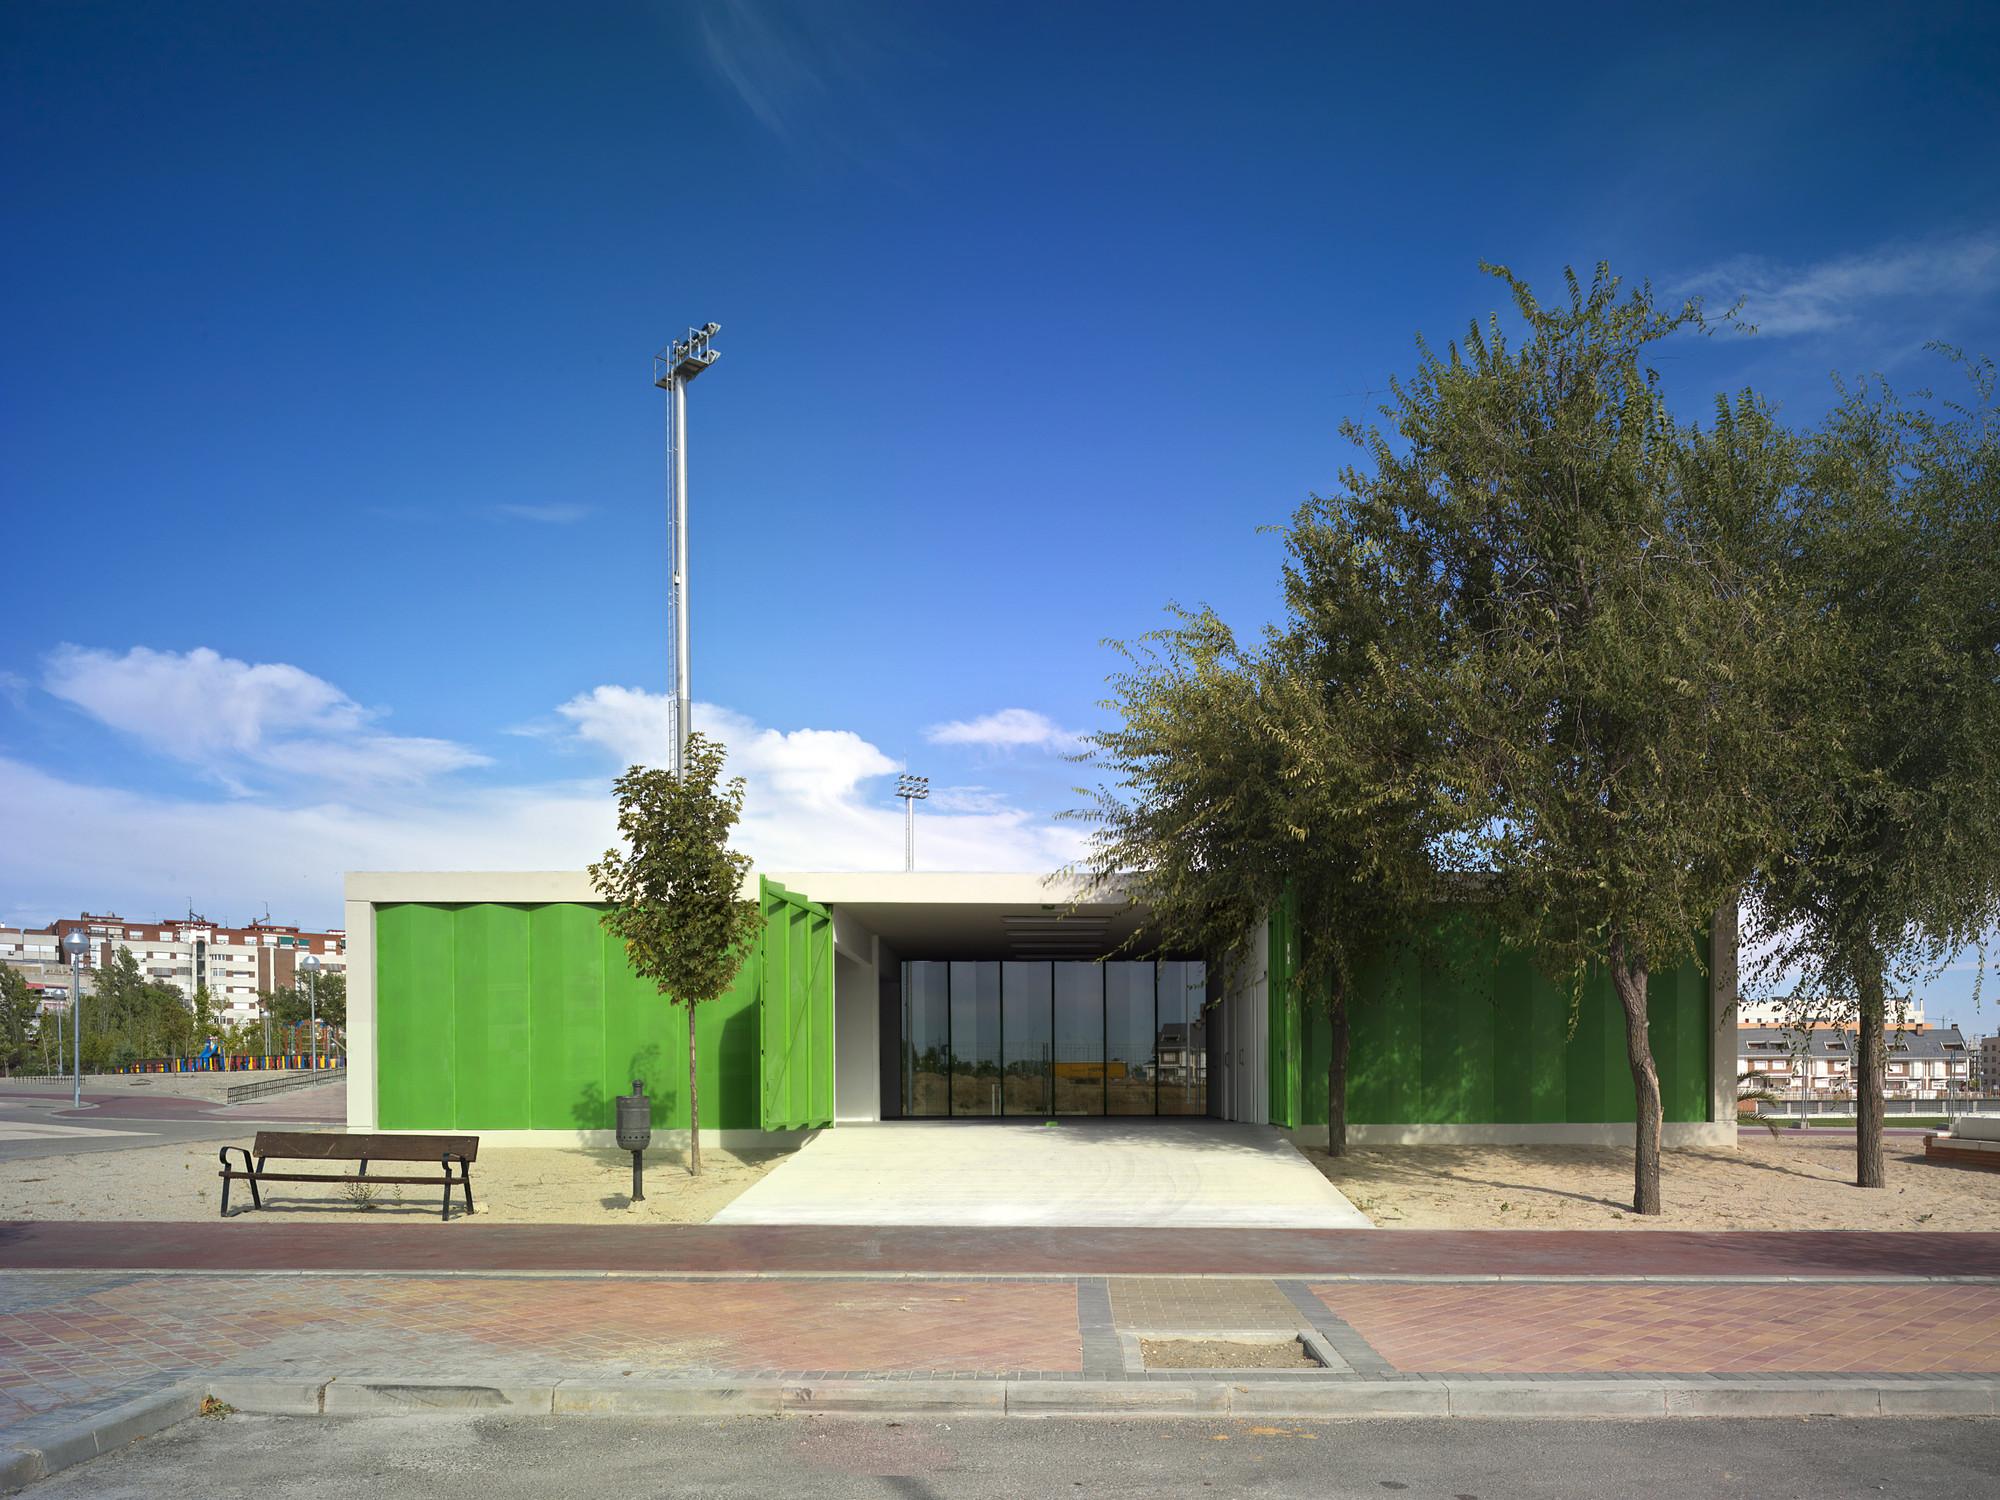 Pabellones De Arbolado / Israel Alba